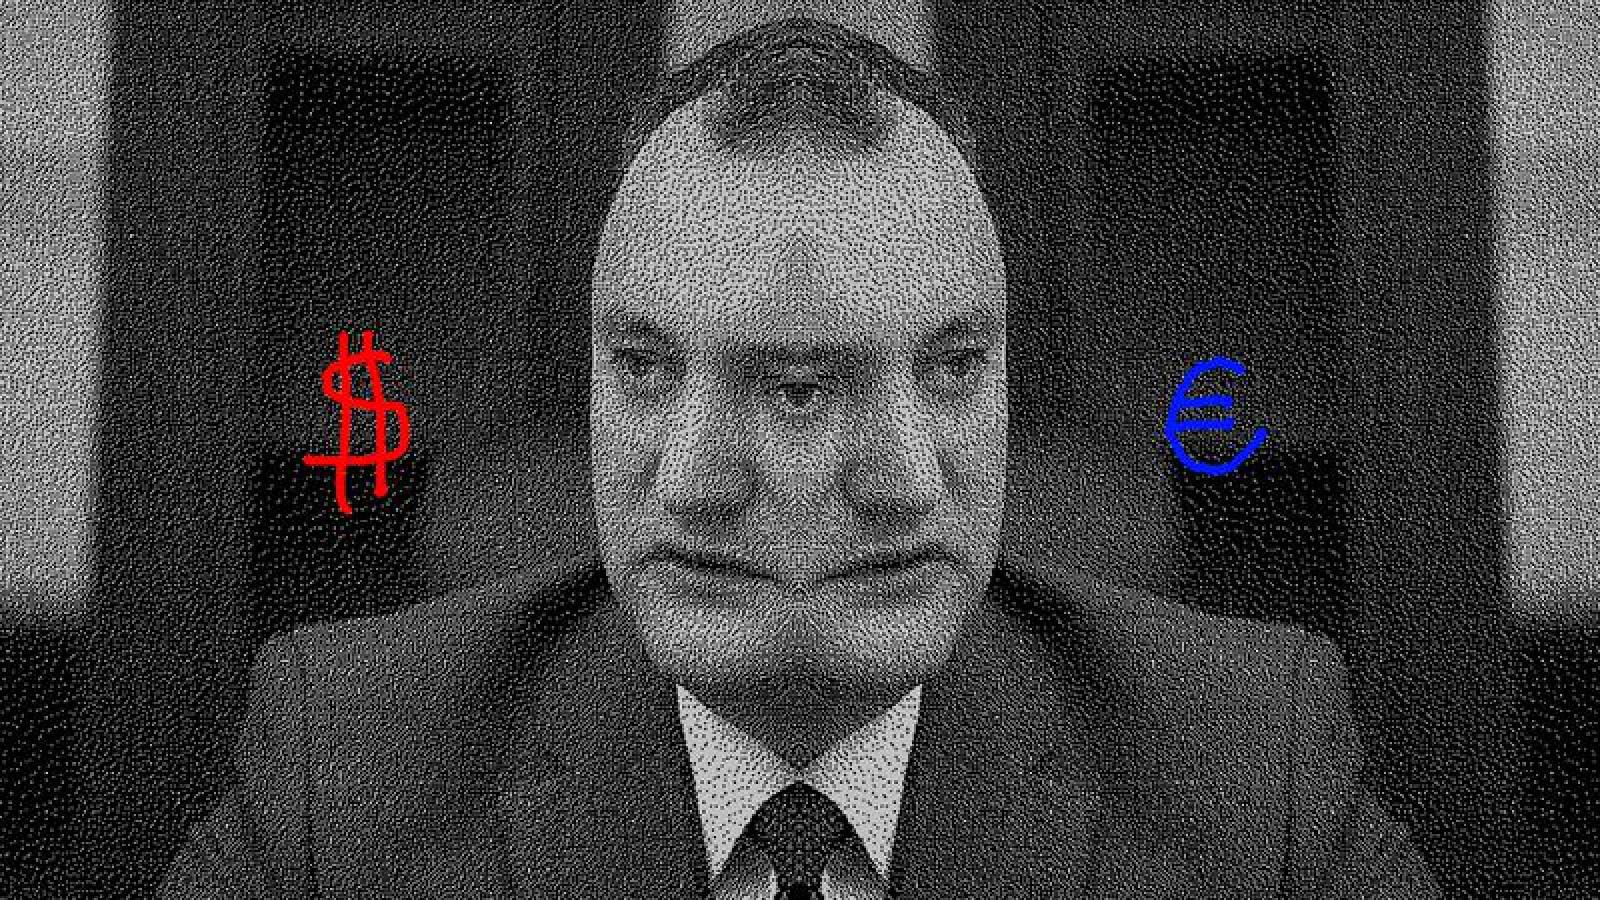 Președintele Dodon încearcă să legitimizeze amnistia fiscală și a capitalurilor?